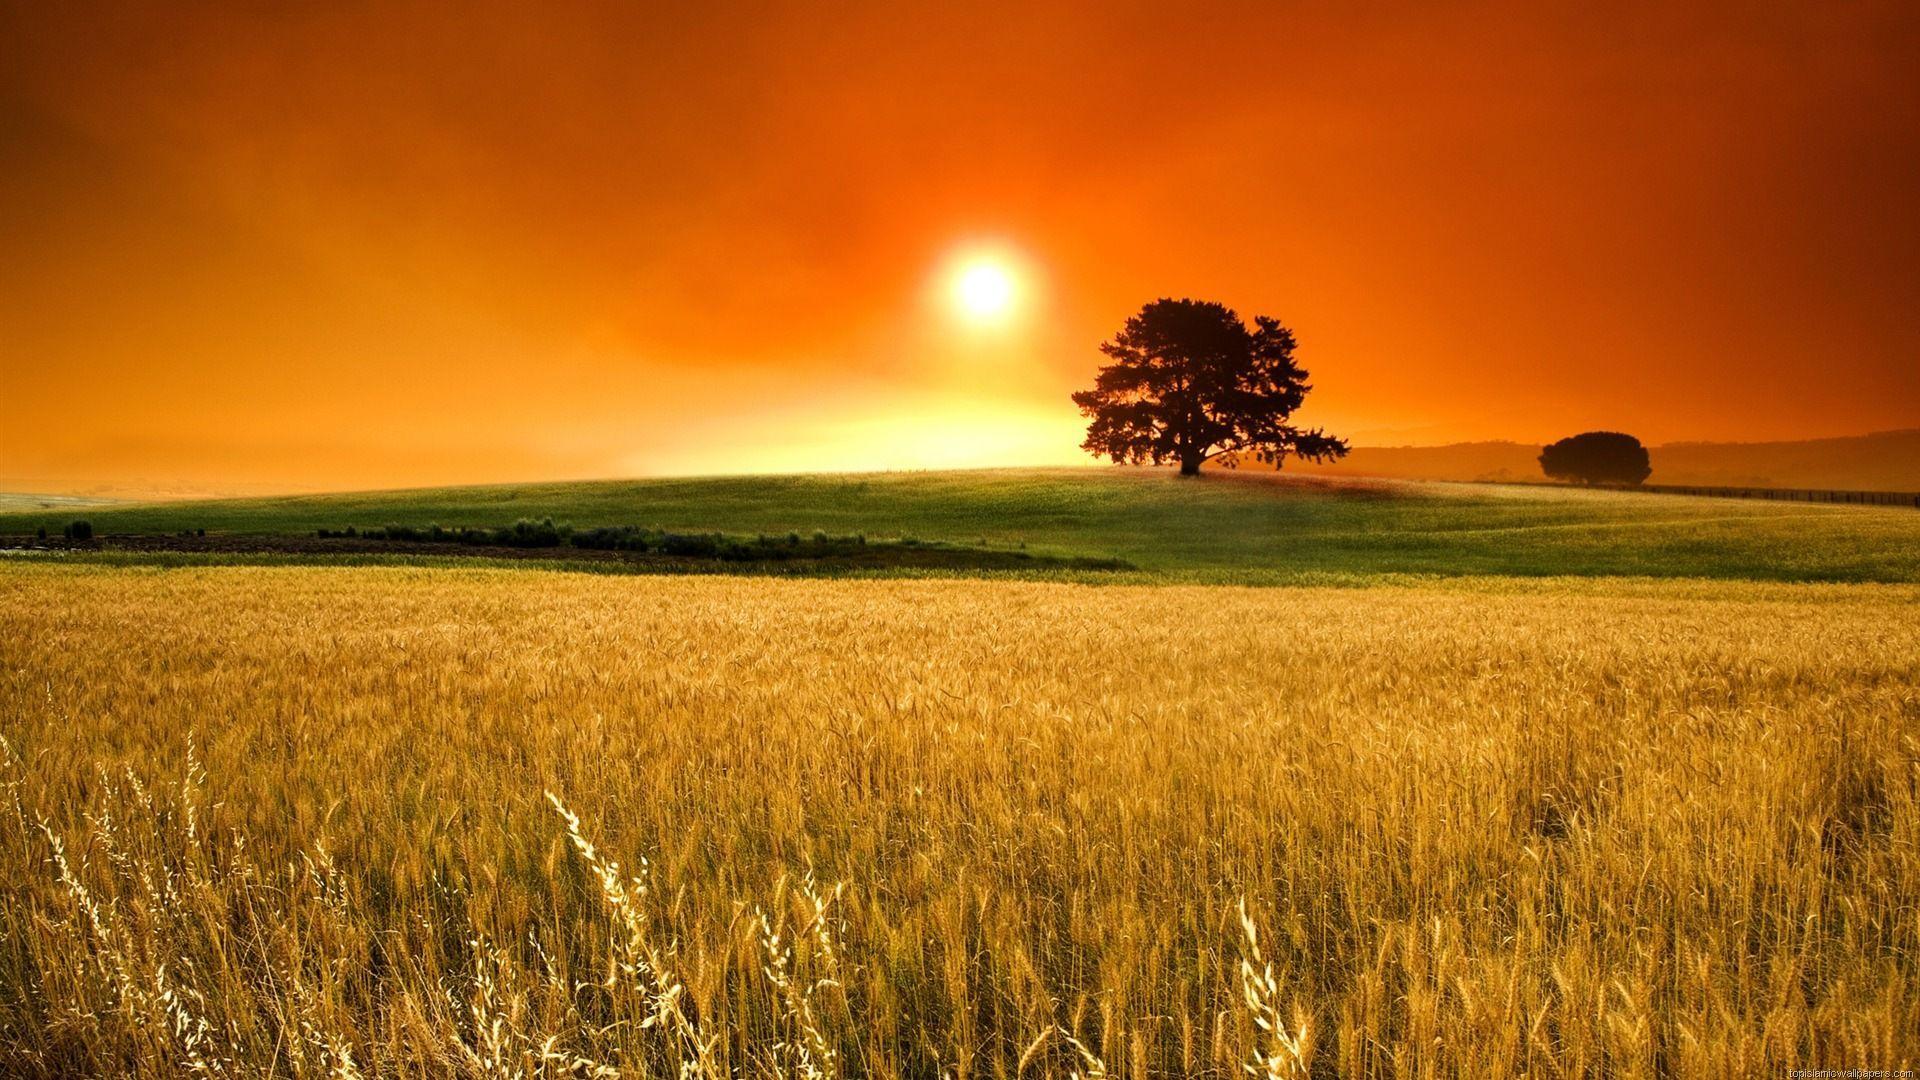 1920x1080 Hình ảnh thiên nhiên đẹp nhất của Mặt trời mọc Full HD Pics Hình nền Máy tính để bàn màu đỏ